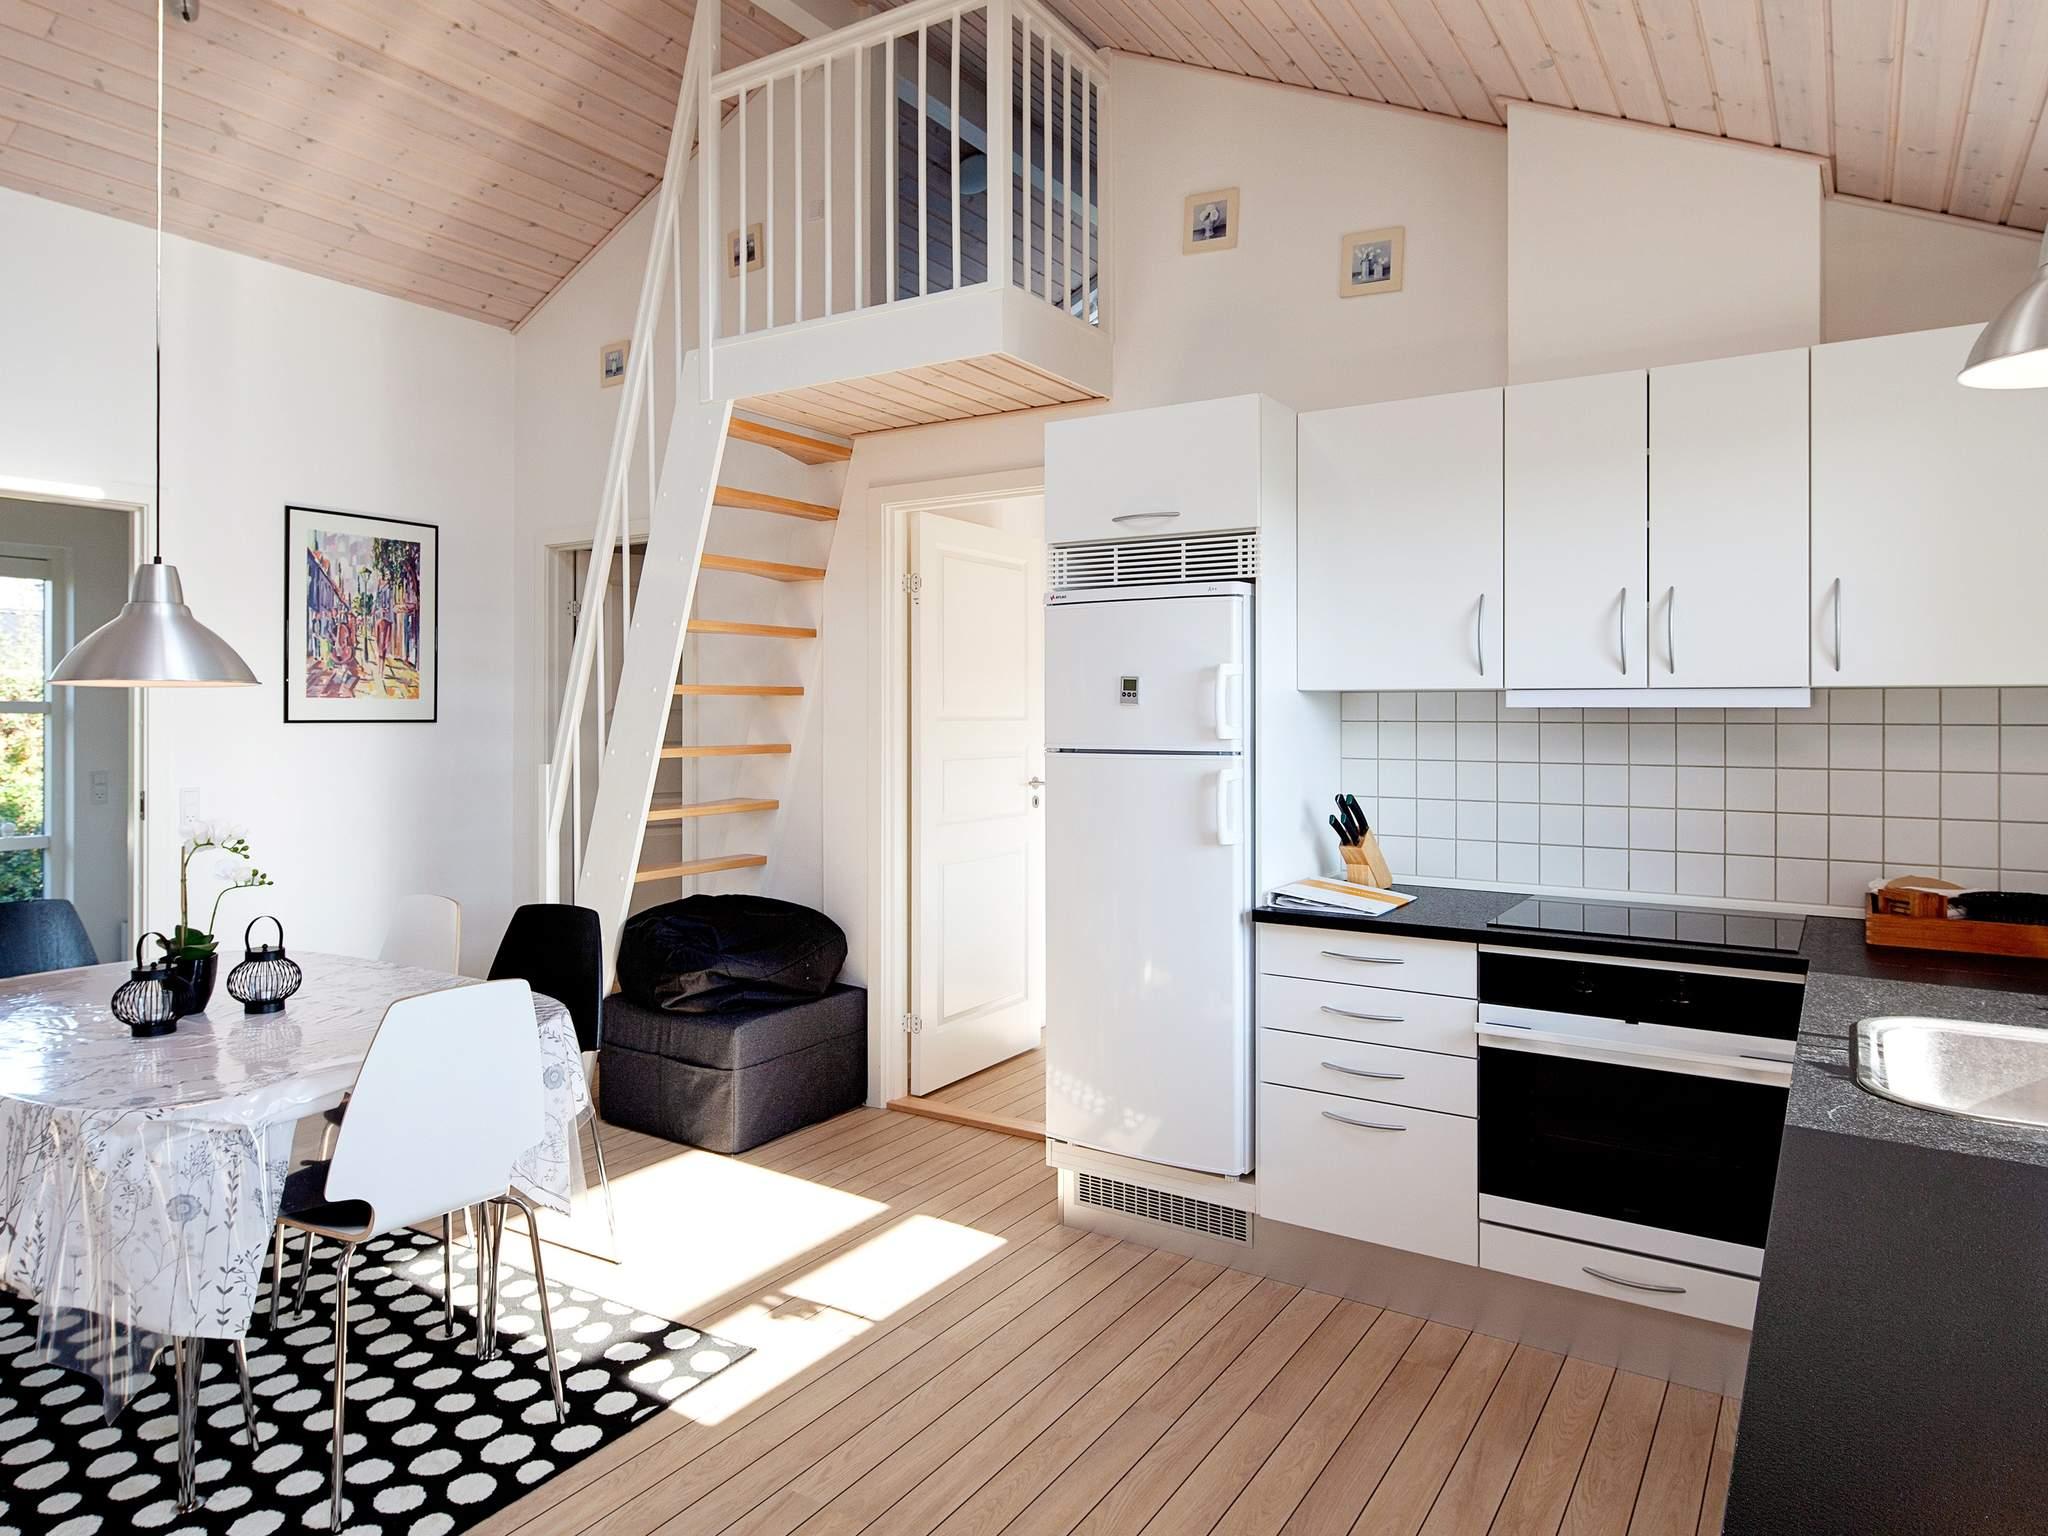 Ferienhaus Enø (2523852), Karrebæksminde, , Südseeland, Dänemark, Bild 11